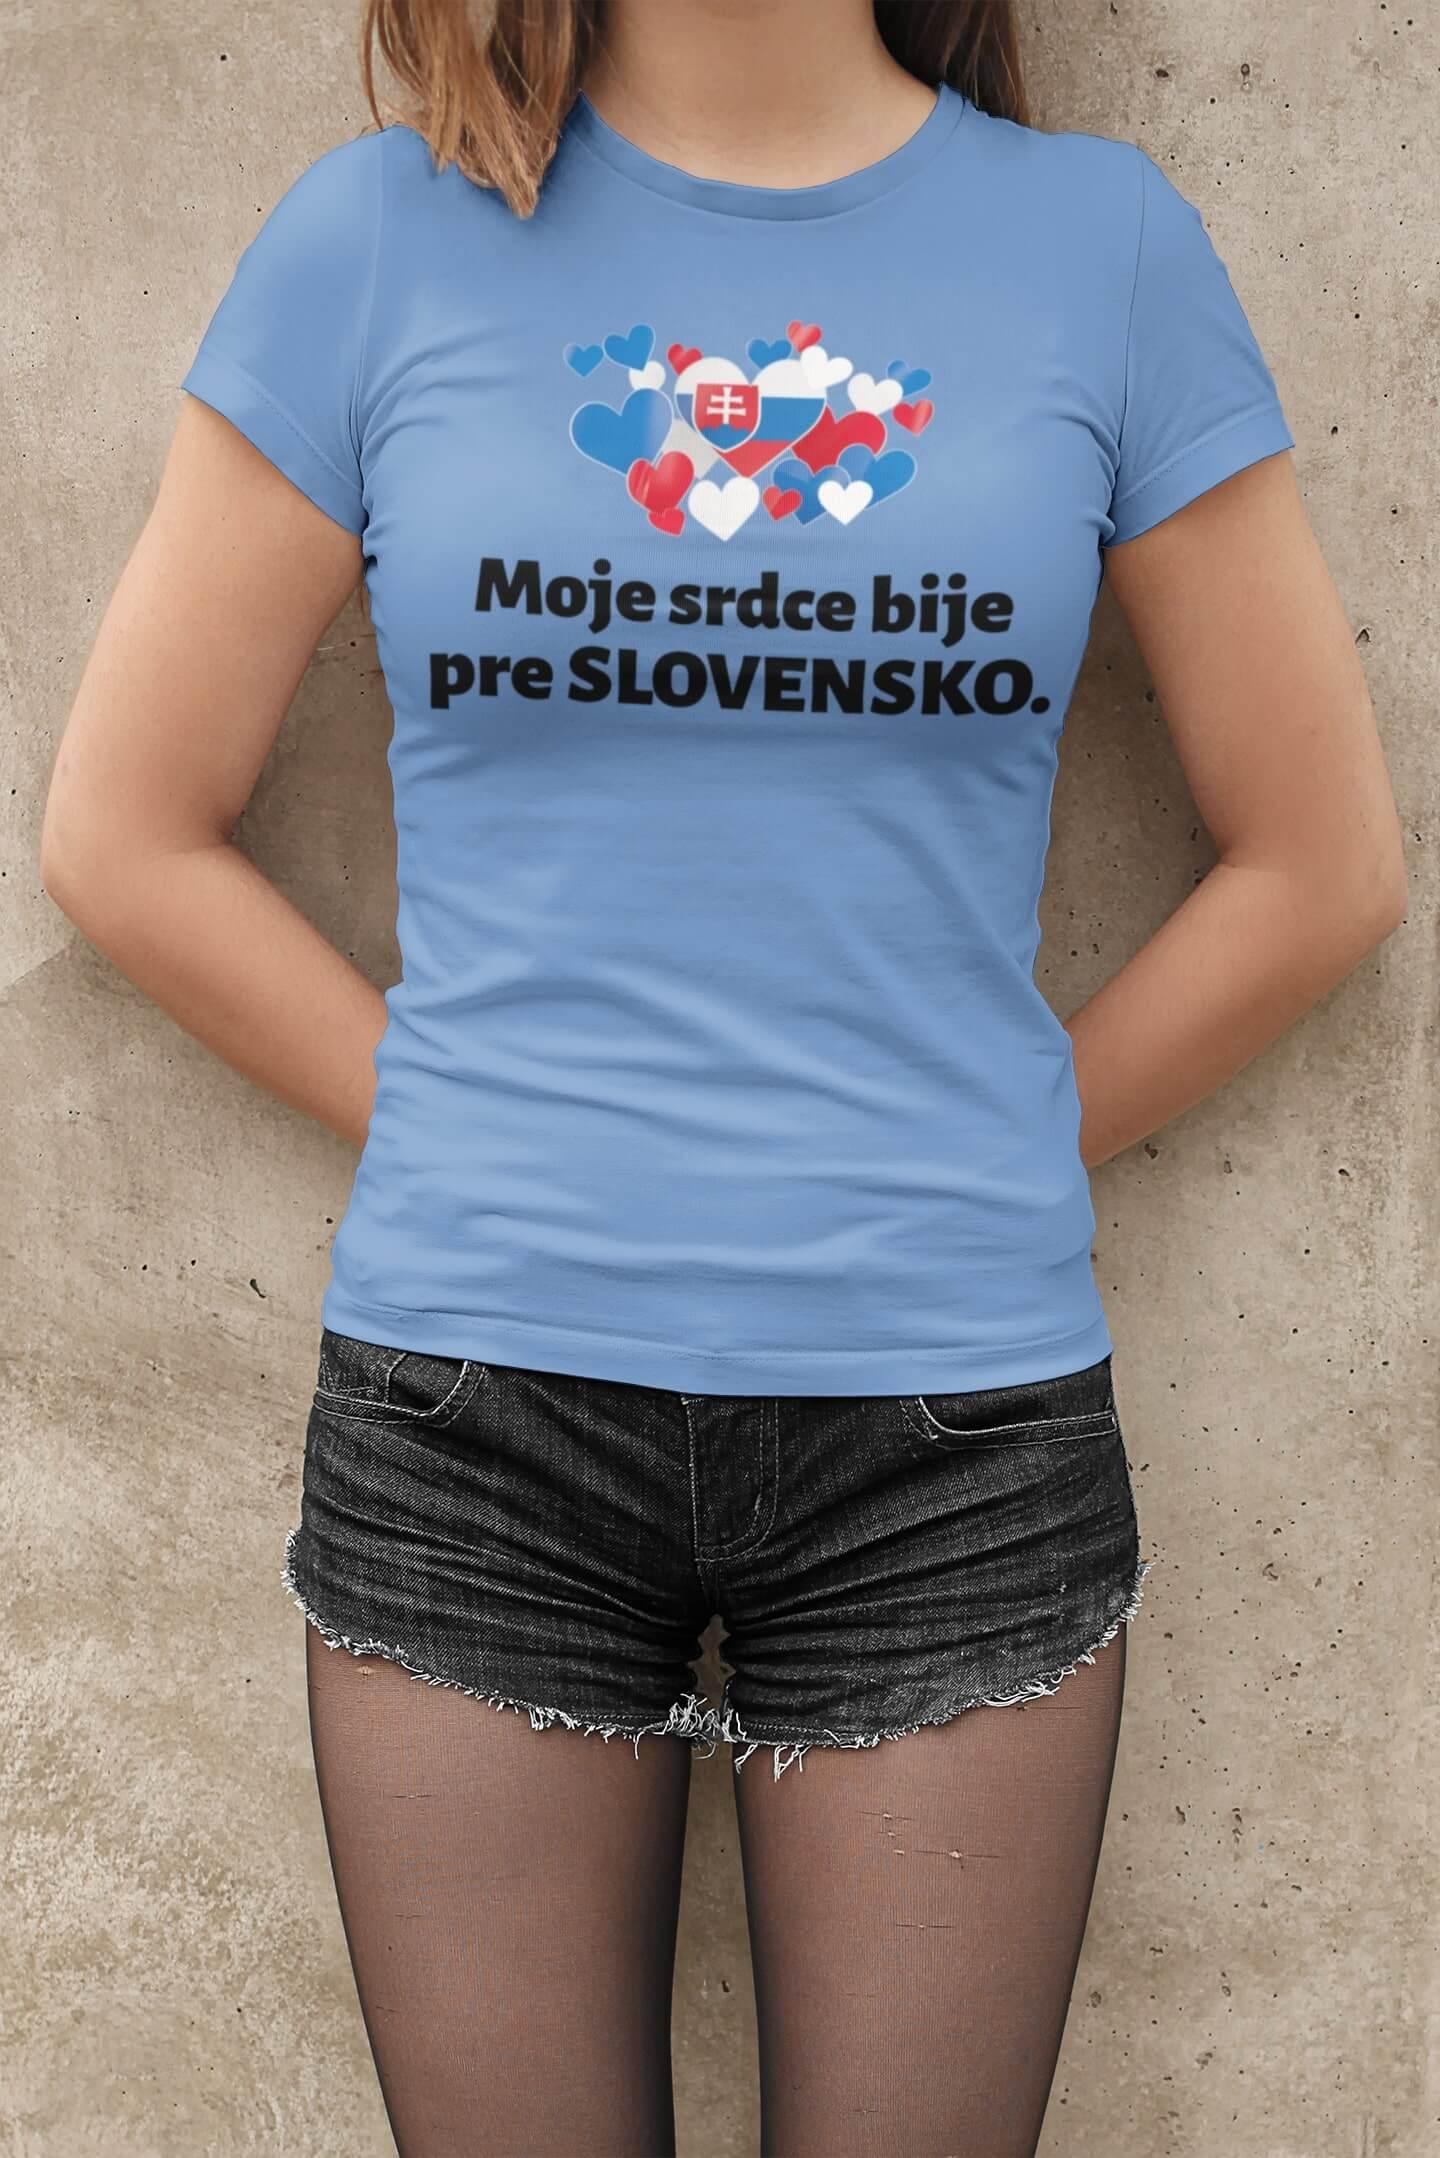 MMO Dámske tričko Srdce bije pre Slovensko Vyberte farbu: Svetlomodrá, Dámska veľkosť: M